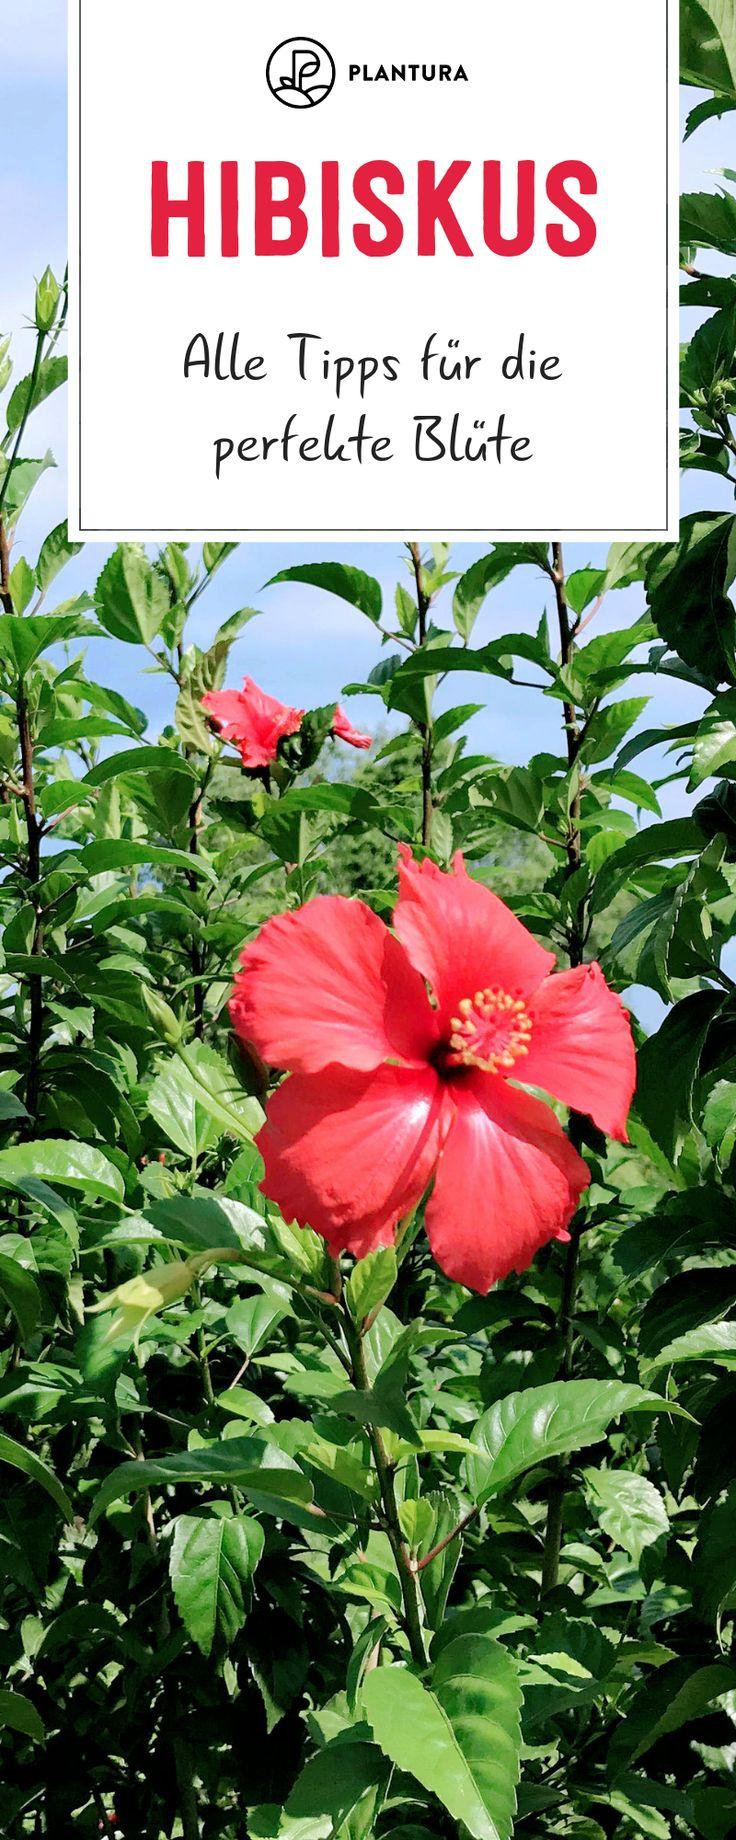 Hibiskus: Alle Tipps für die perfekte Blüte – Plantura | Garten Ideen & Tipps | Gemüse, Obst, Kräuter